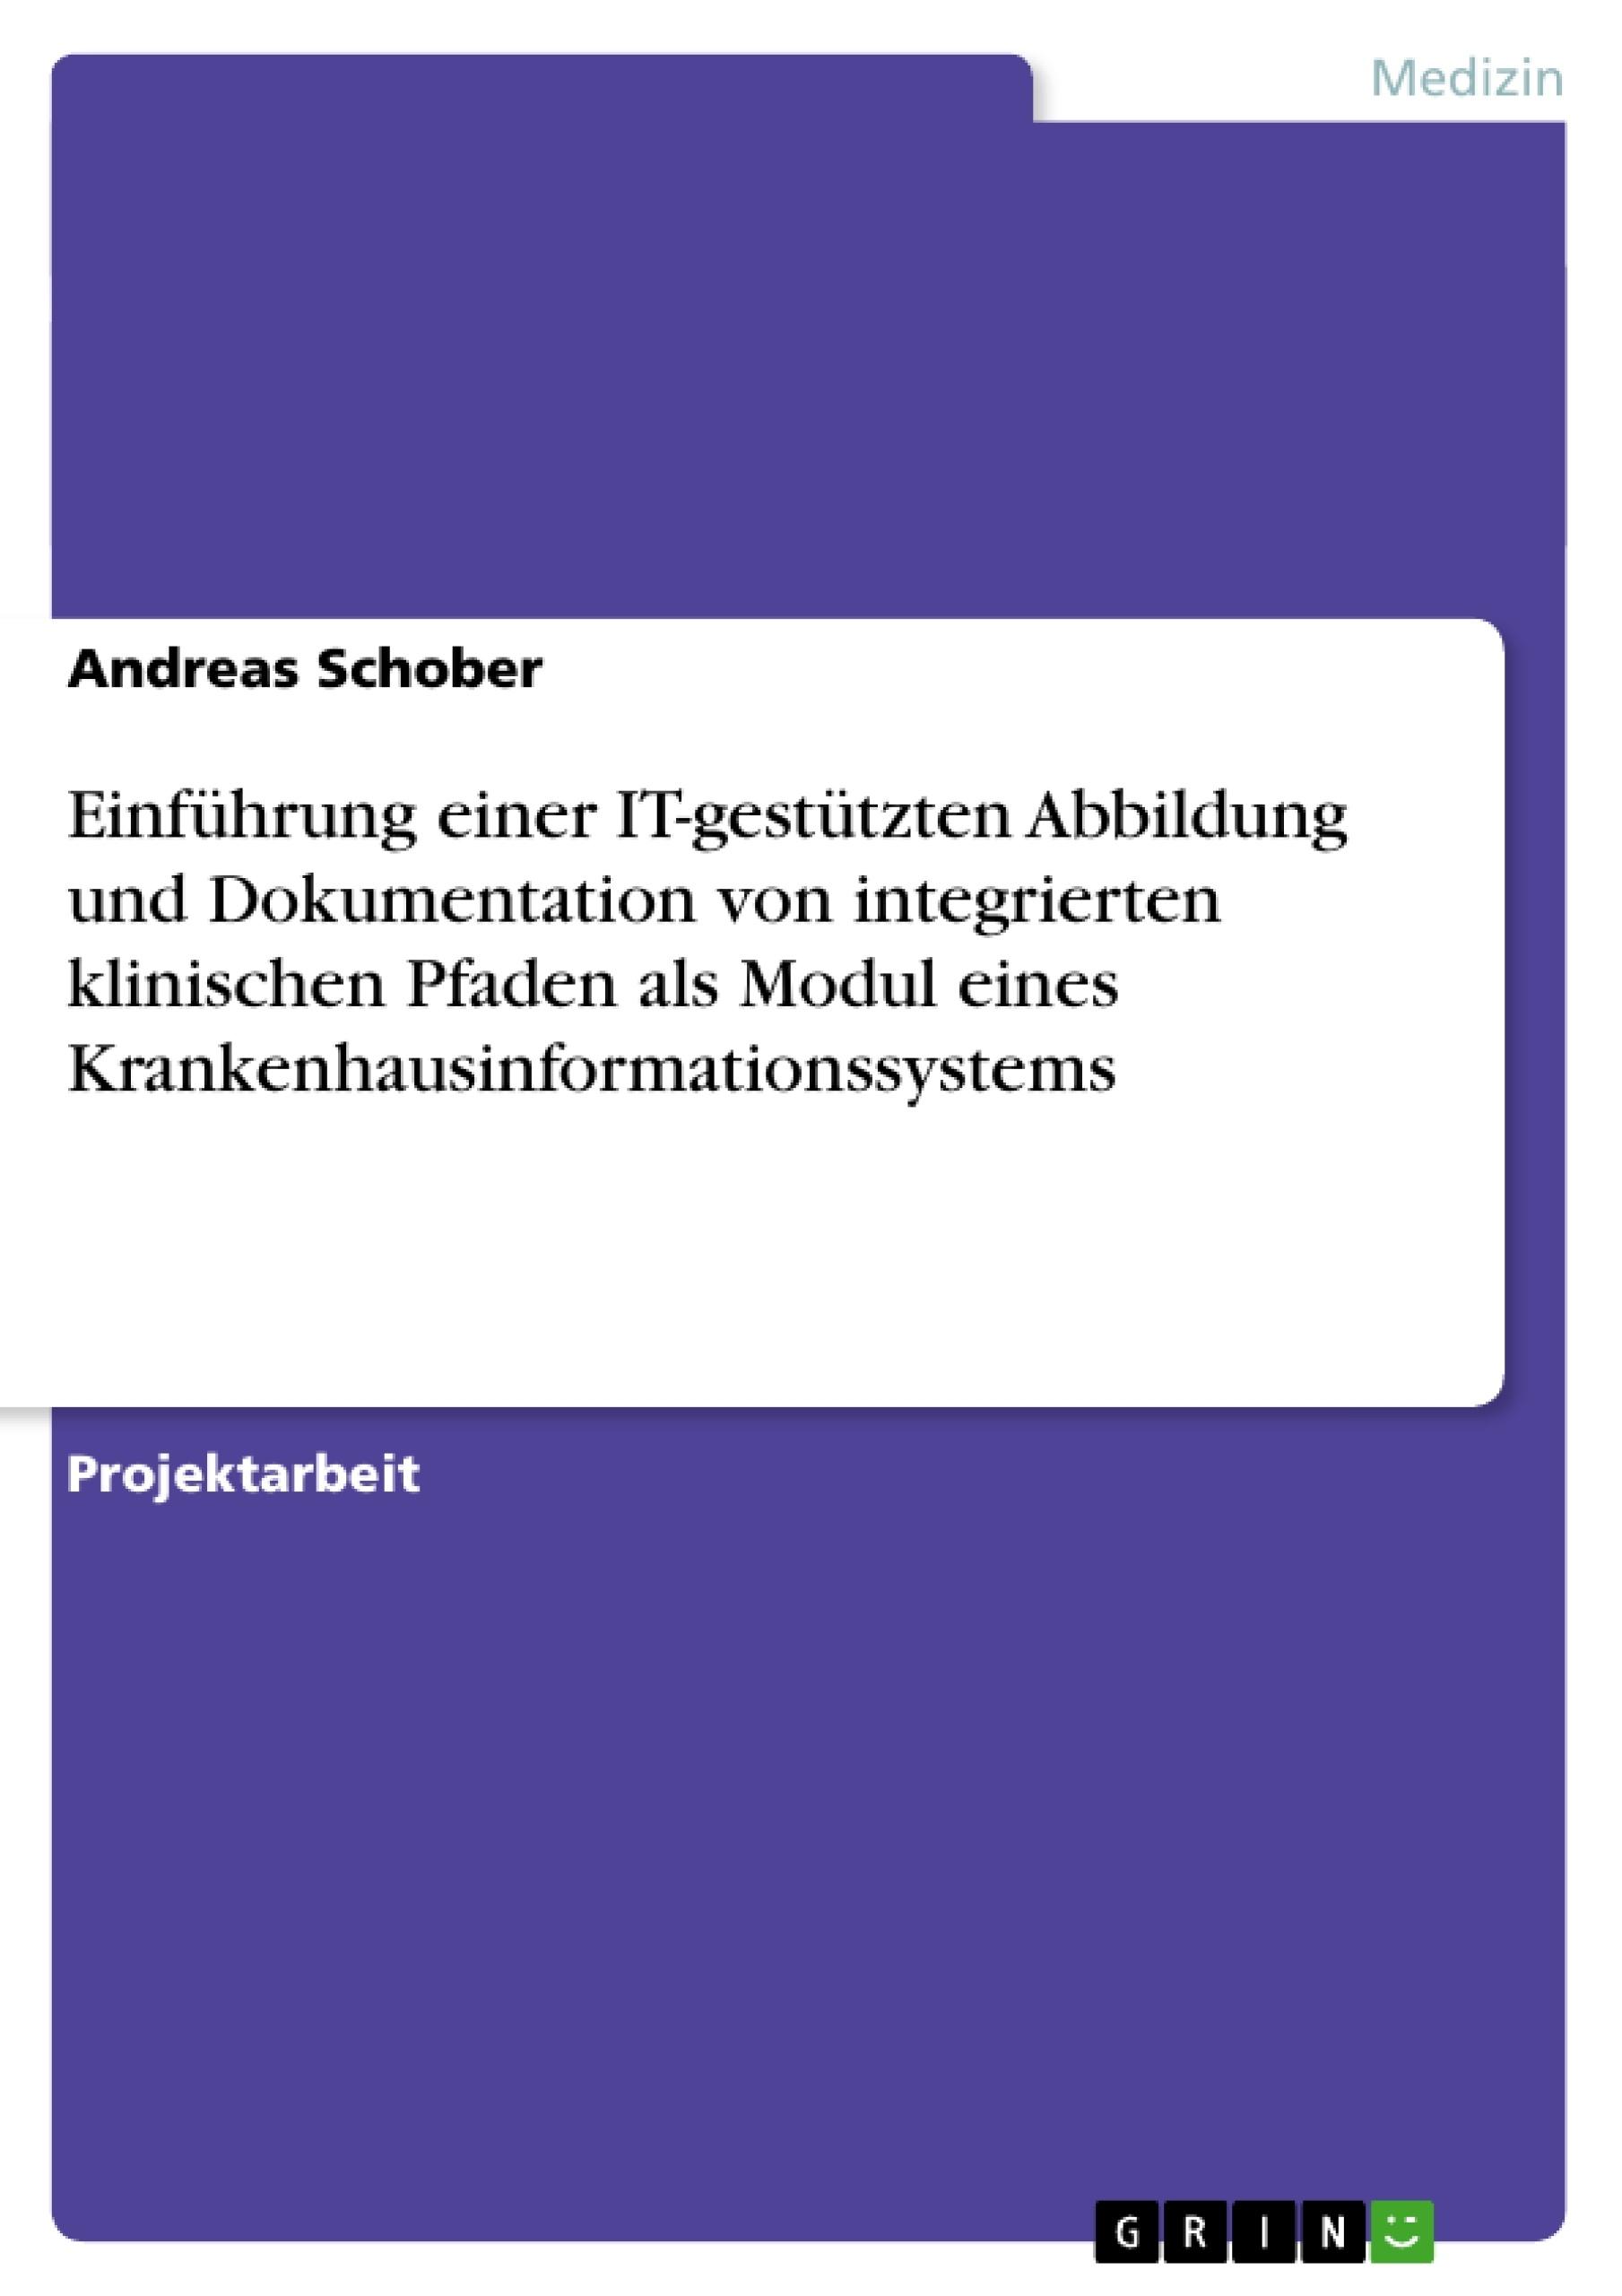 Titel: Einführung einer IT-gestützten Abbildung und Dokumentation  von integrierten klinischen Pfaden als Modul eines  Krankenhausinformationssystems